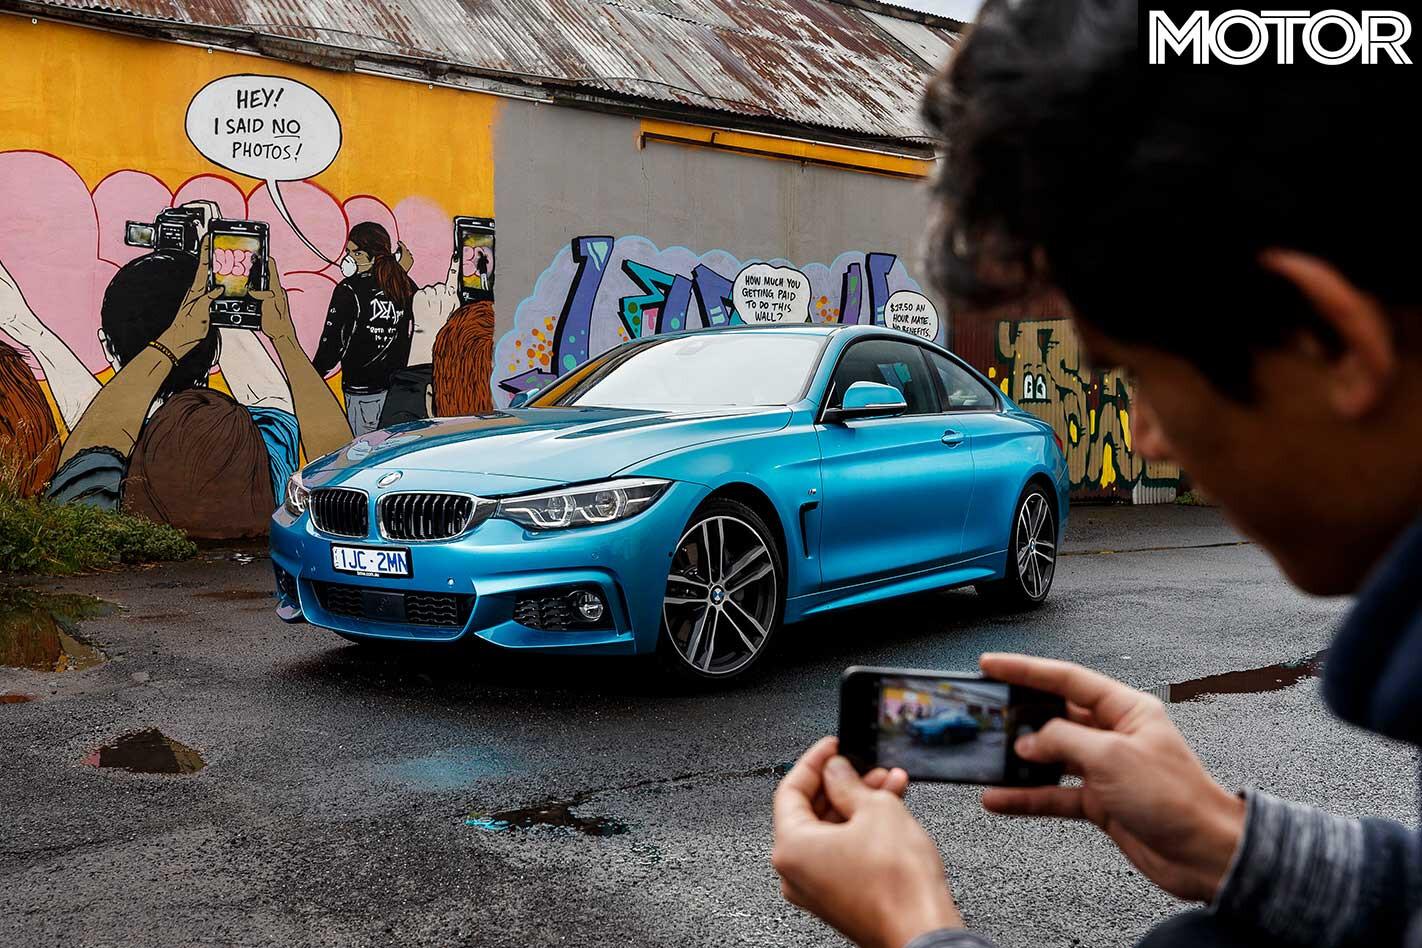 BMW 440 I Phone Photo Jpg